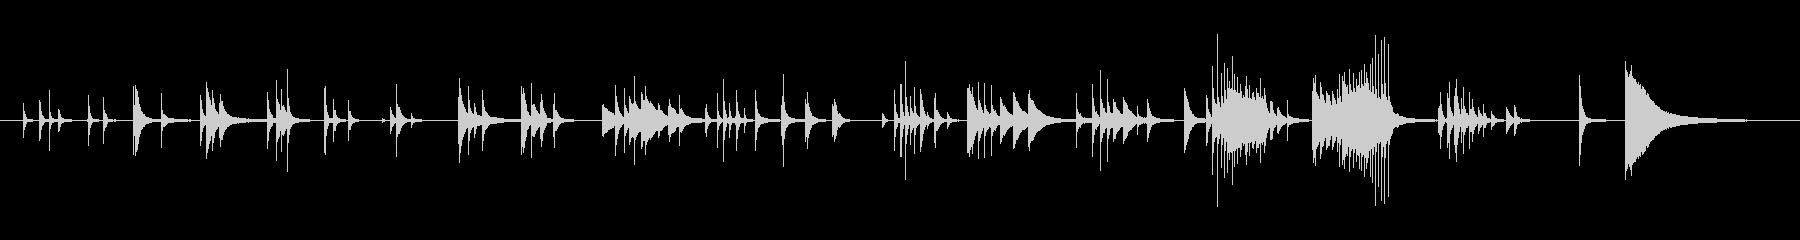 ピアノ中高音域を多用したメロディーの未再生の波形